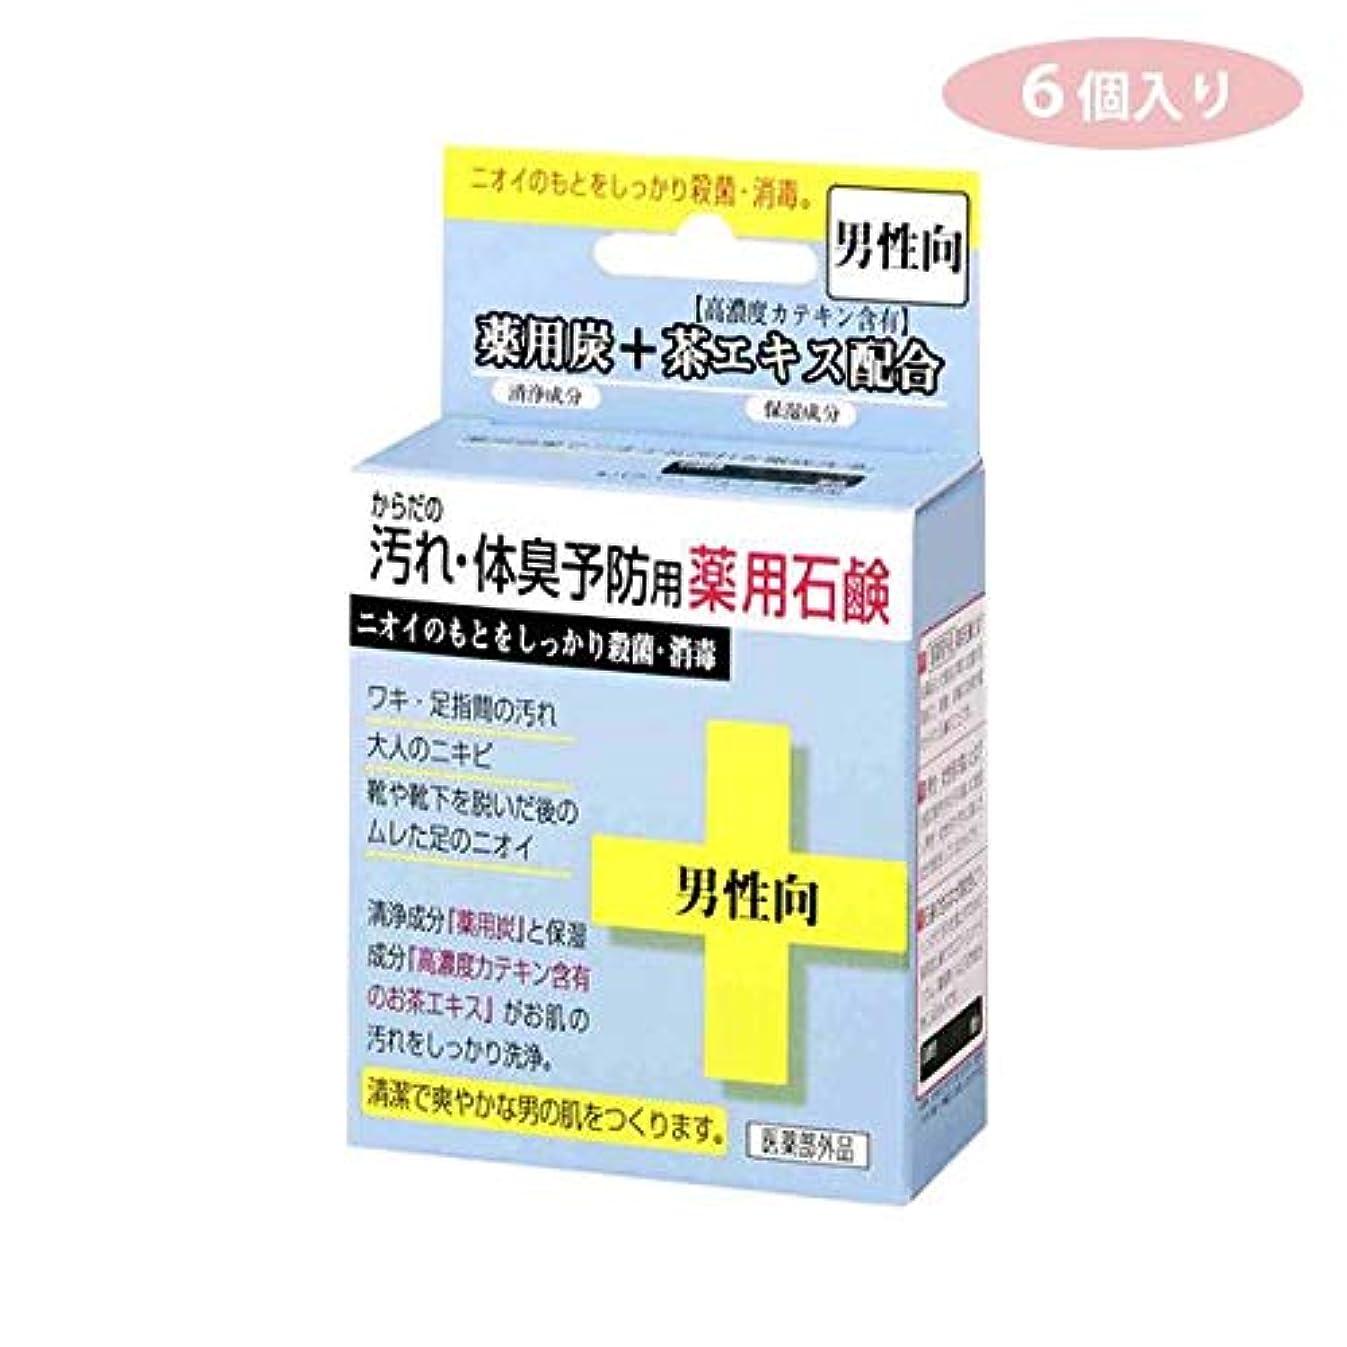 浸漬りんごけがをするCTY-SM 6個入り からだの汚れ?体臭予防用 薬用石鹸 男性向き